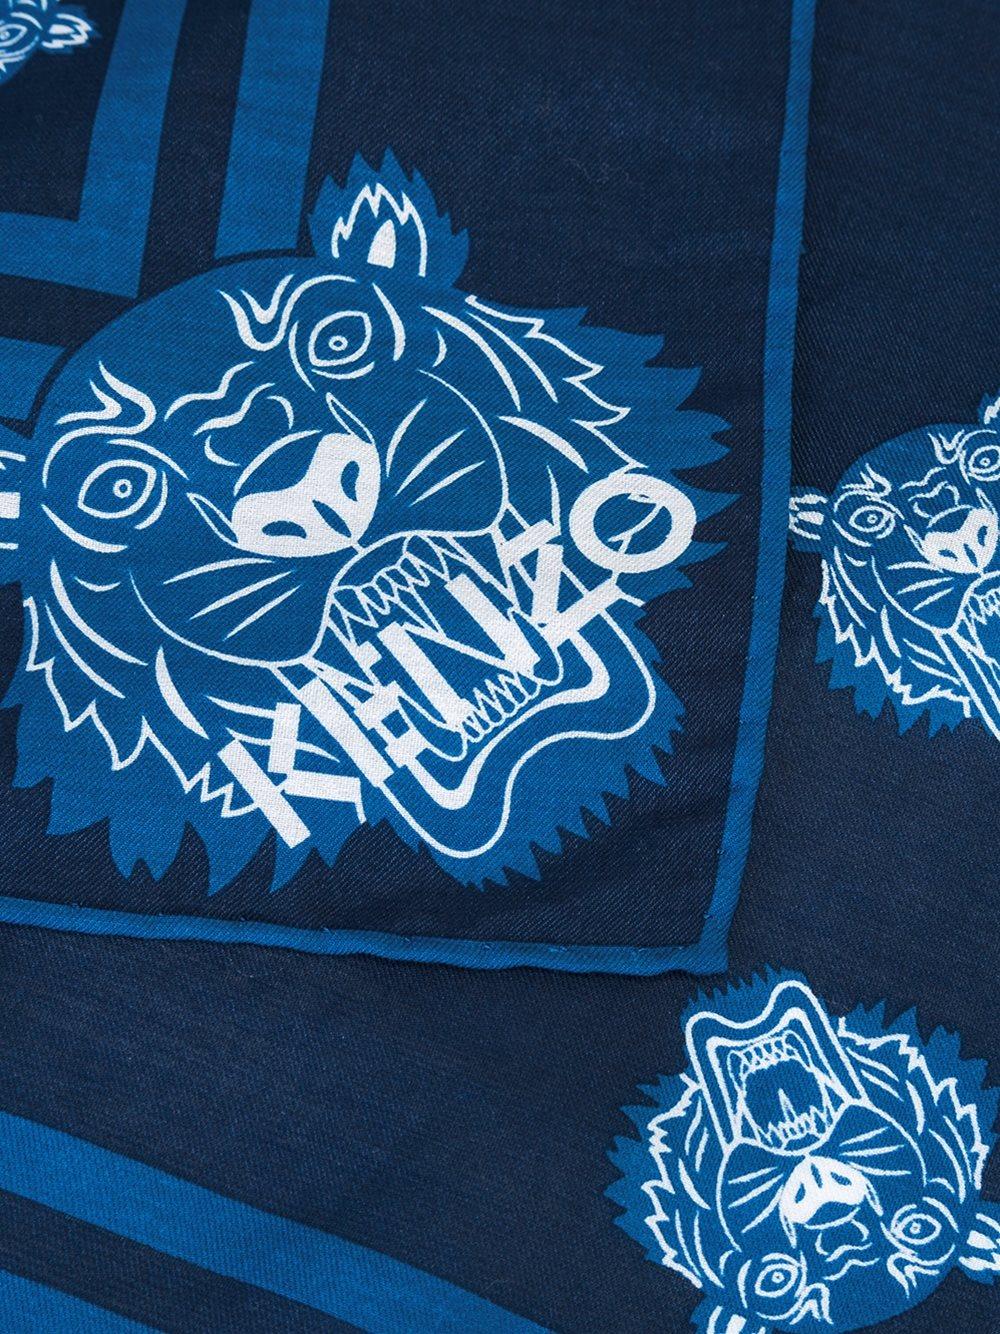 bcef7327af48 ... Kenzo foulard